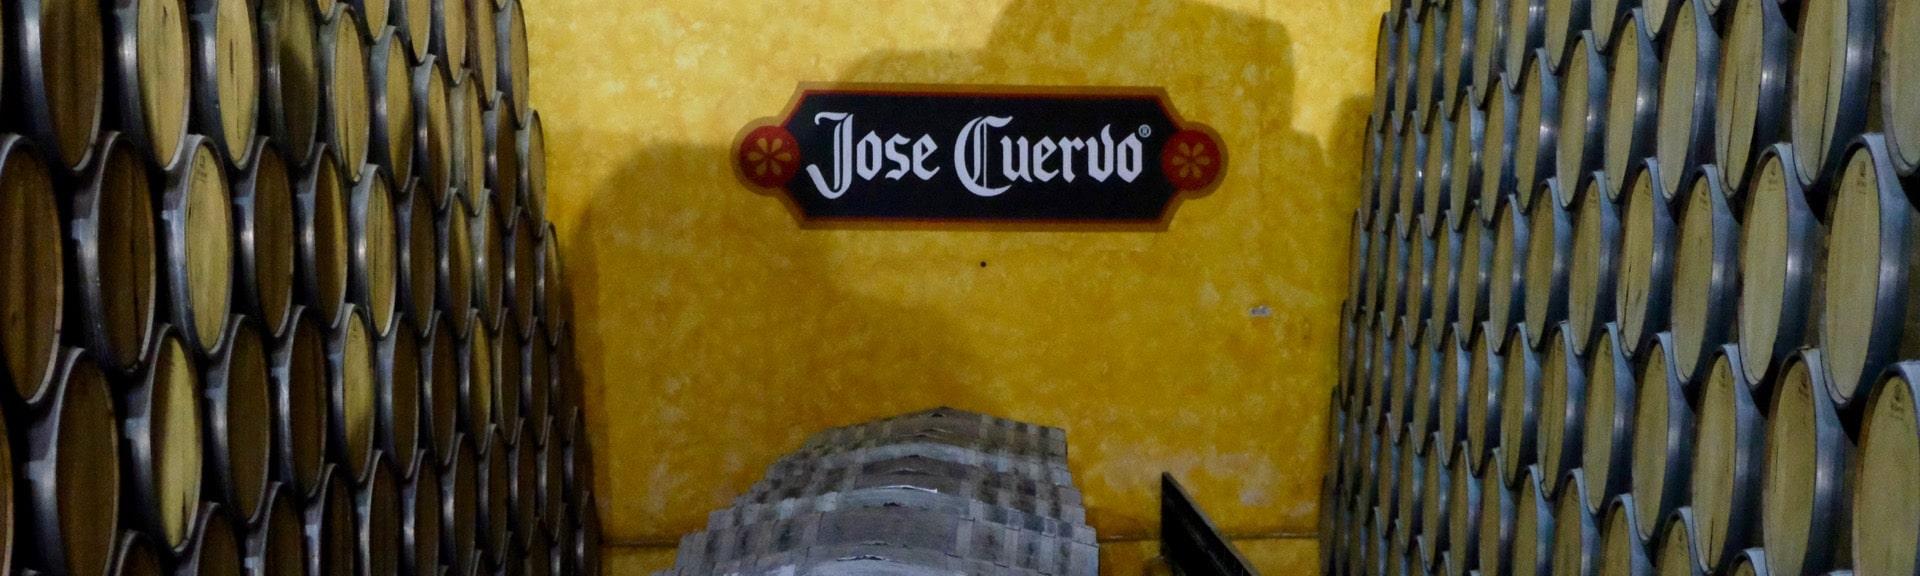 Jose Cuervo Destillery